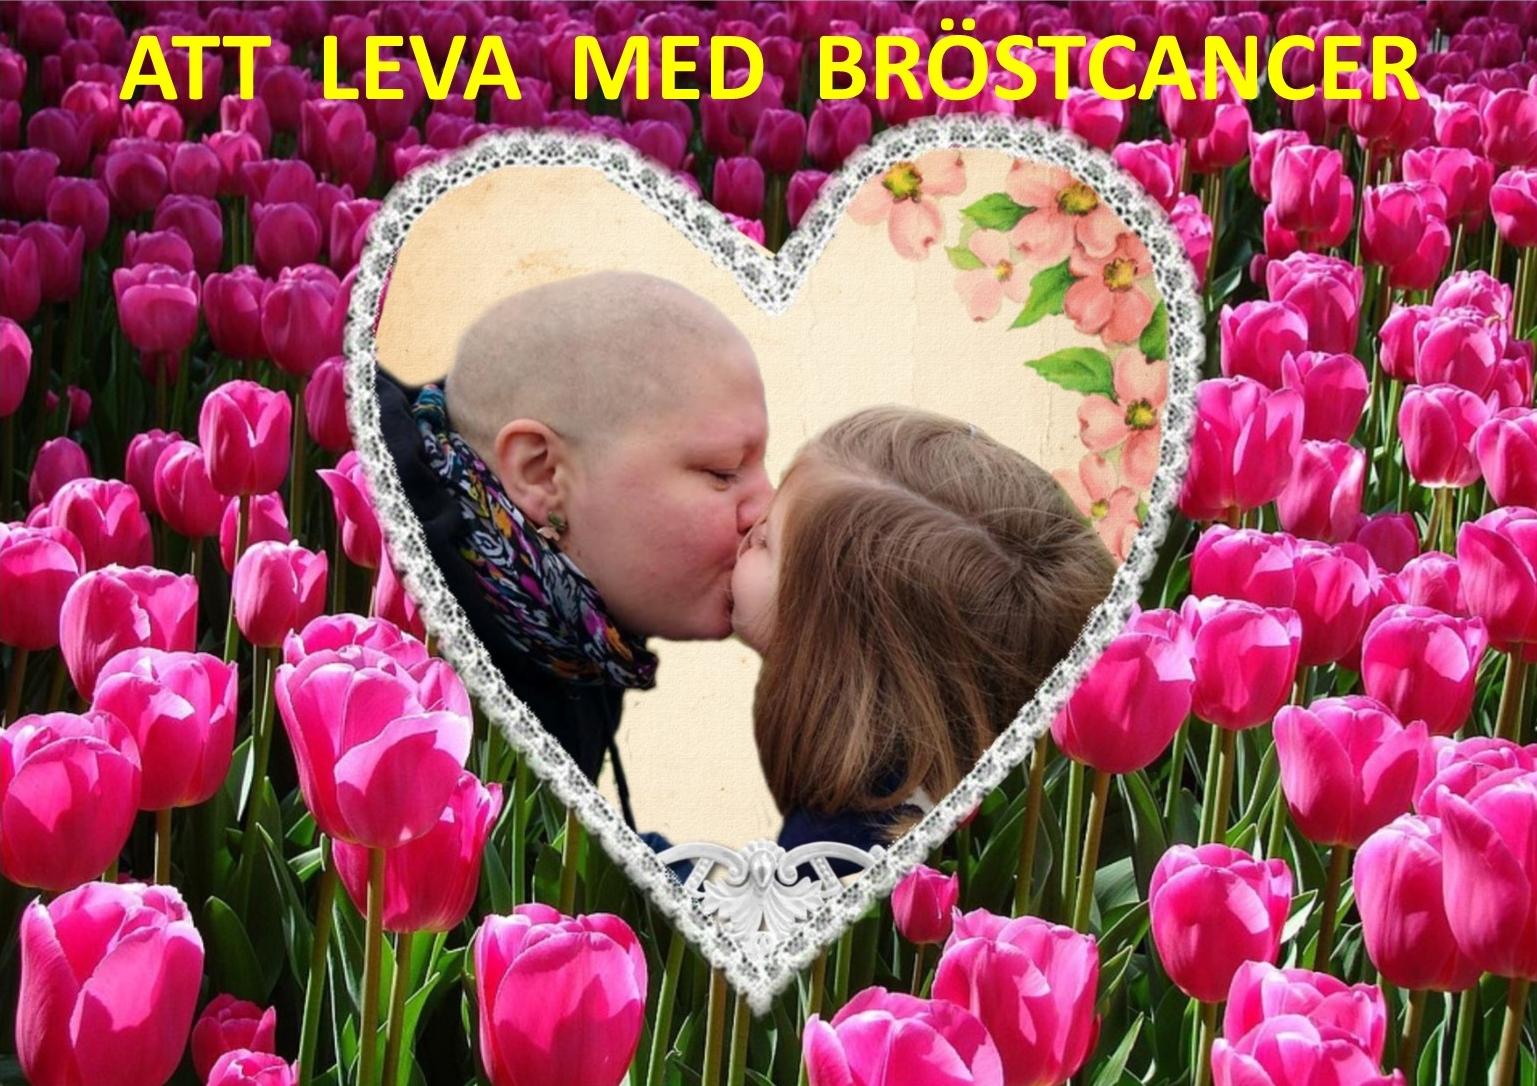 Se filmen: Att leva med bröstcancer